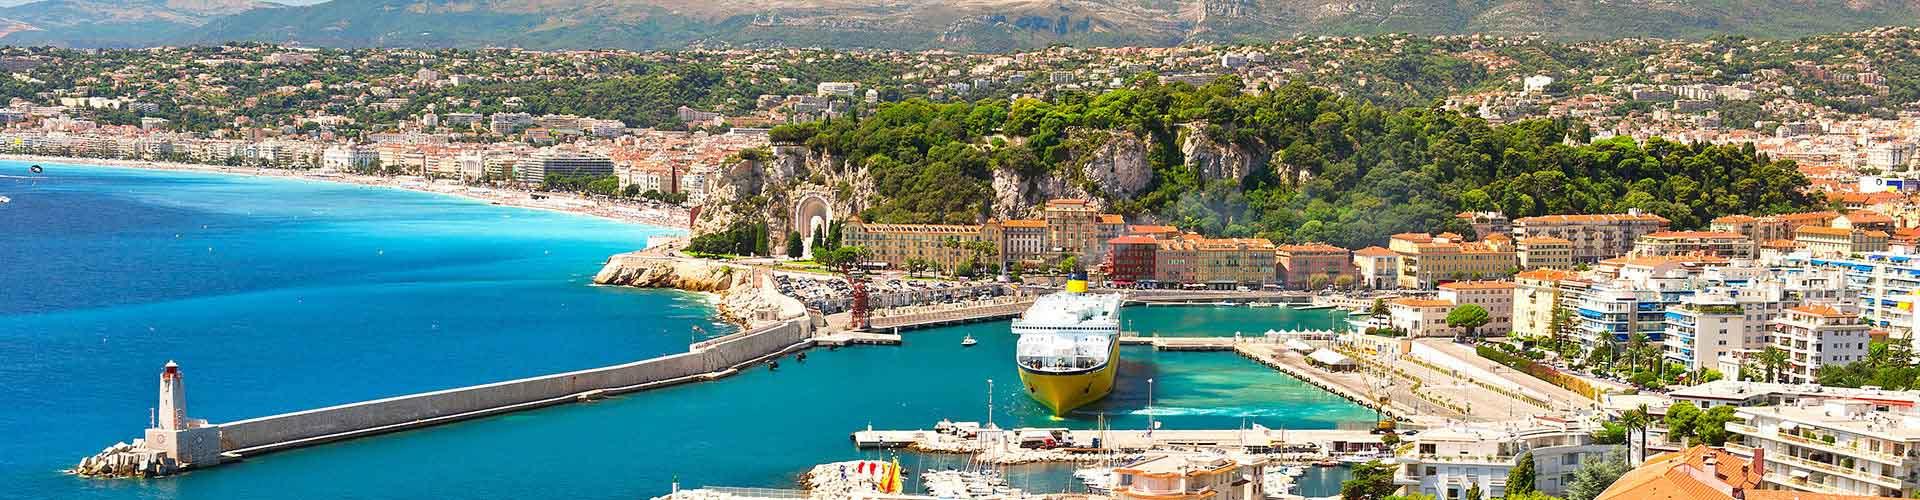 Nizza – Ostelli a Nizza. Mappe per Nizza, Foto e  Recensioni per ogni Ostello a Nizza.